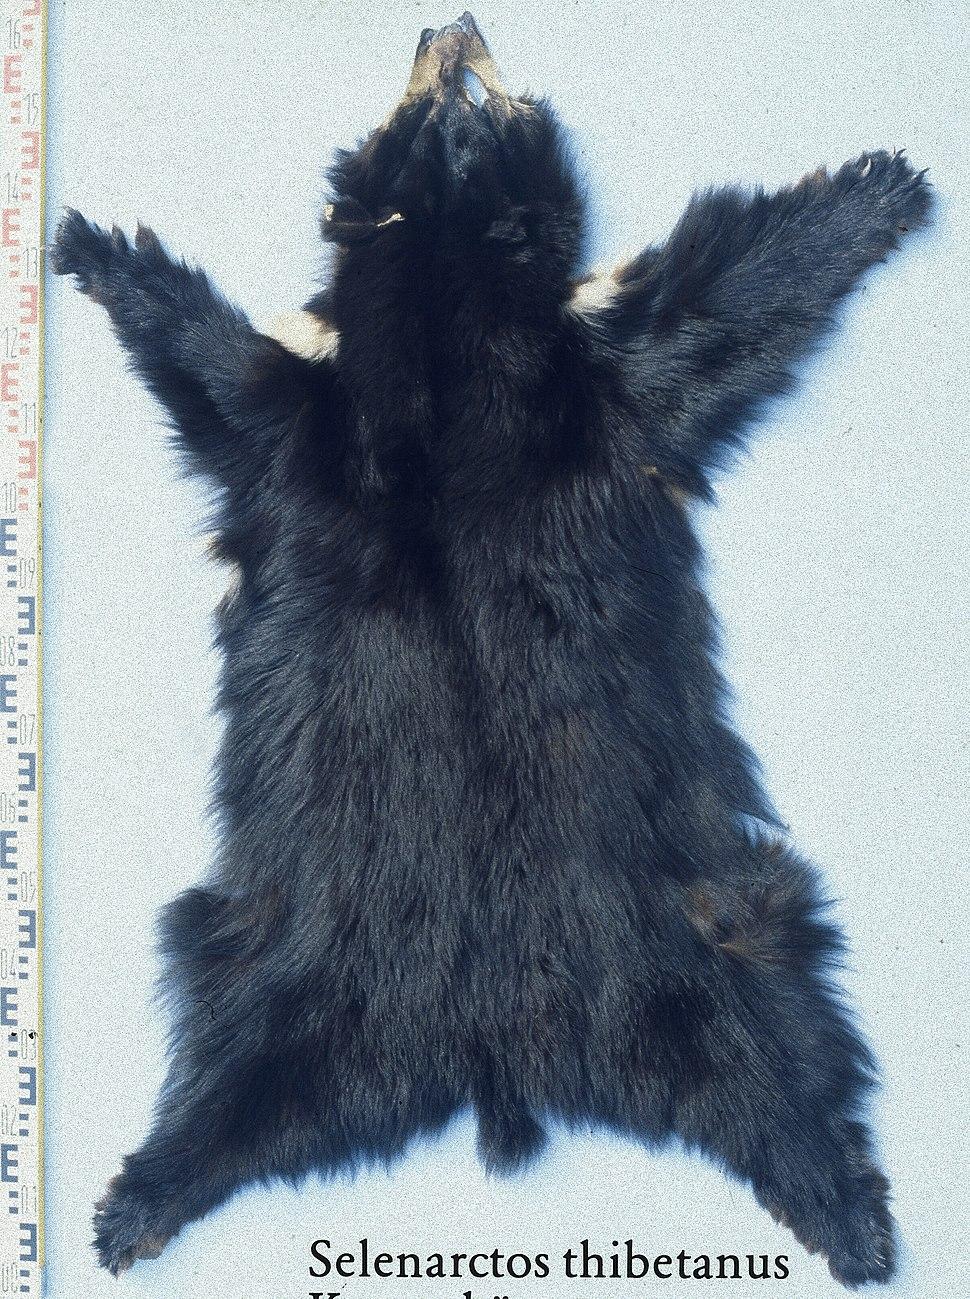 Selenarctos thibetanus fur skin